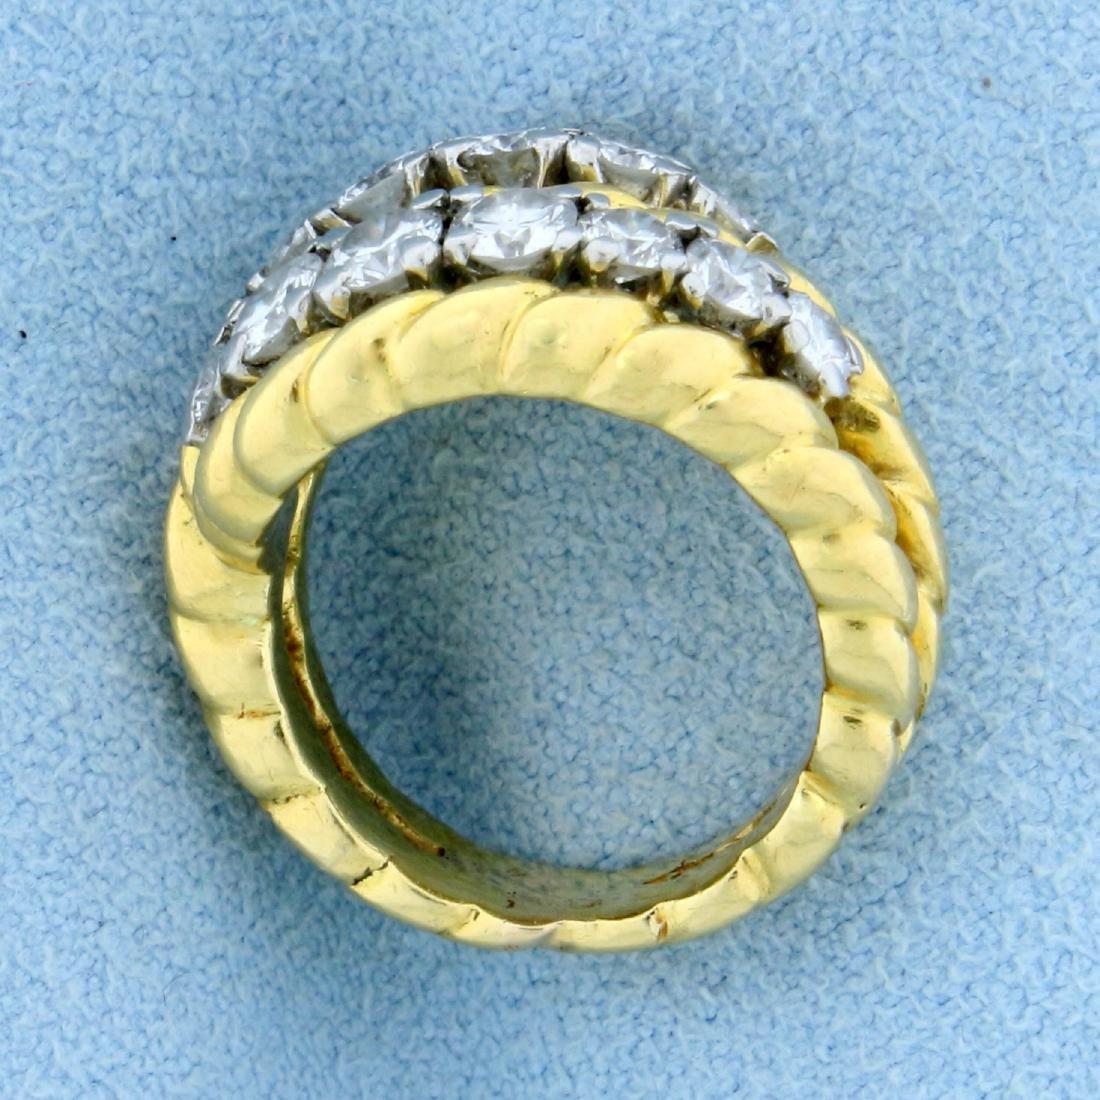 Vintage Van Cleef & Arpels 1ct TW Diamond Ring in 18k - 3